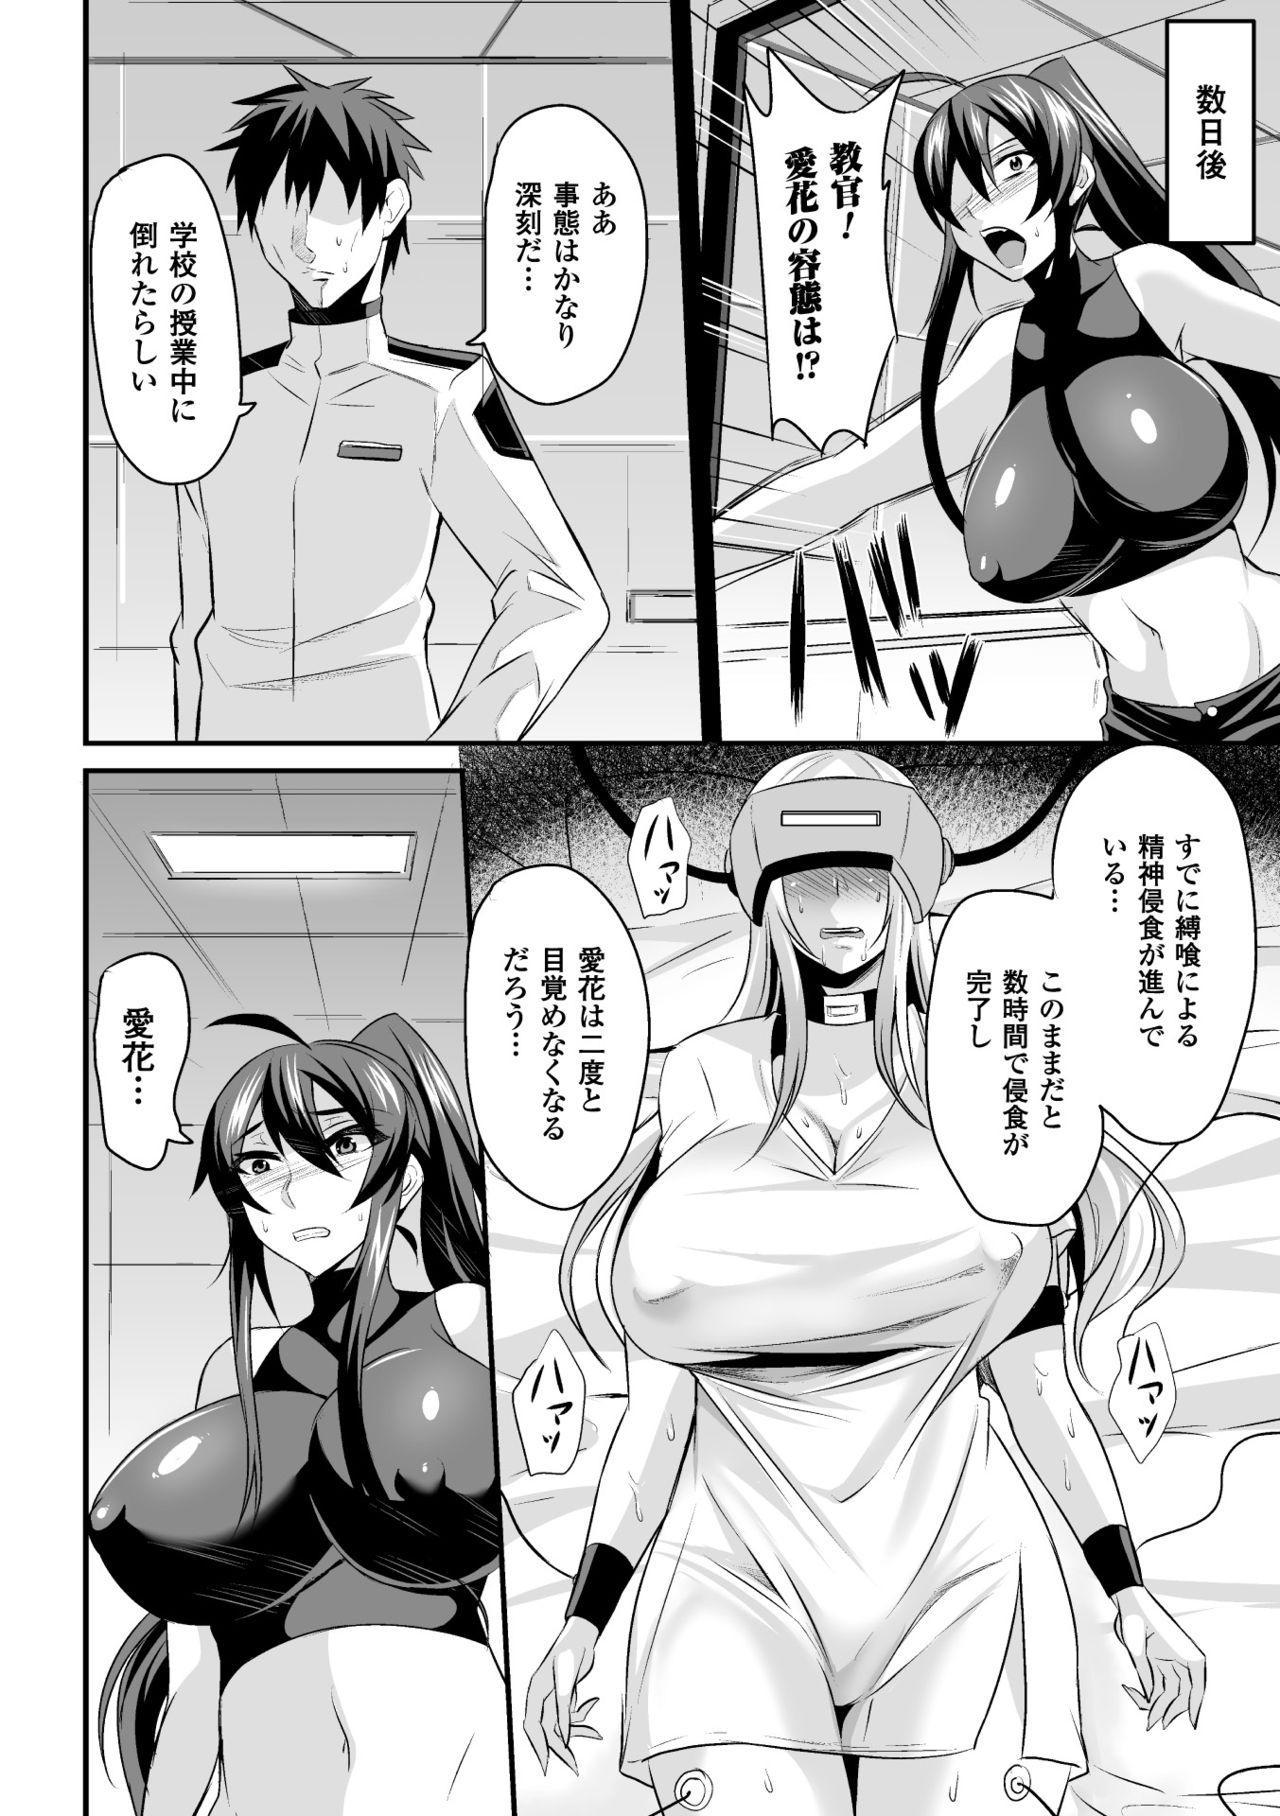 ドリームダイバー静葉 悪夢の姦獄【単話】 3